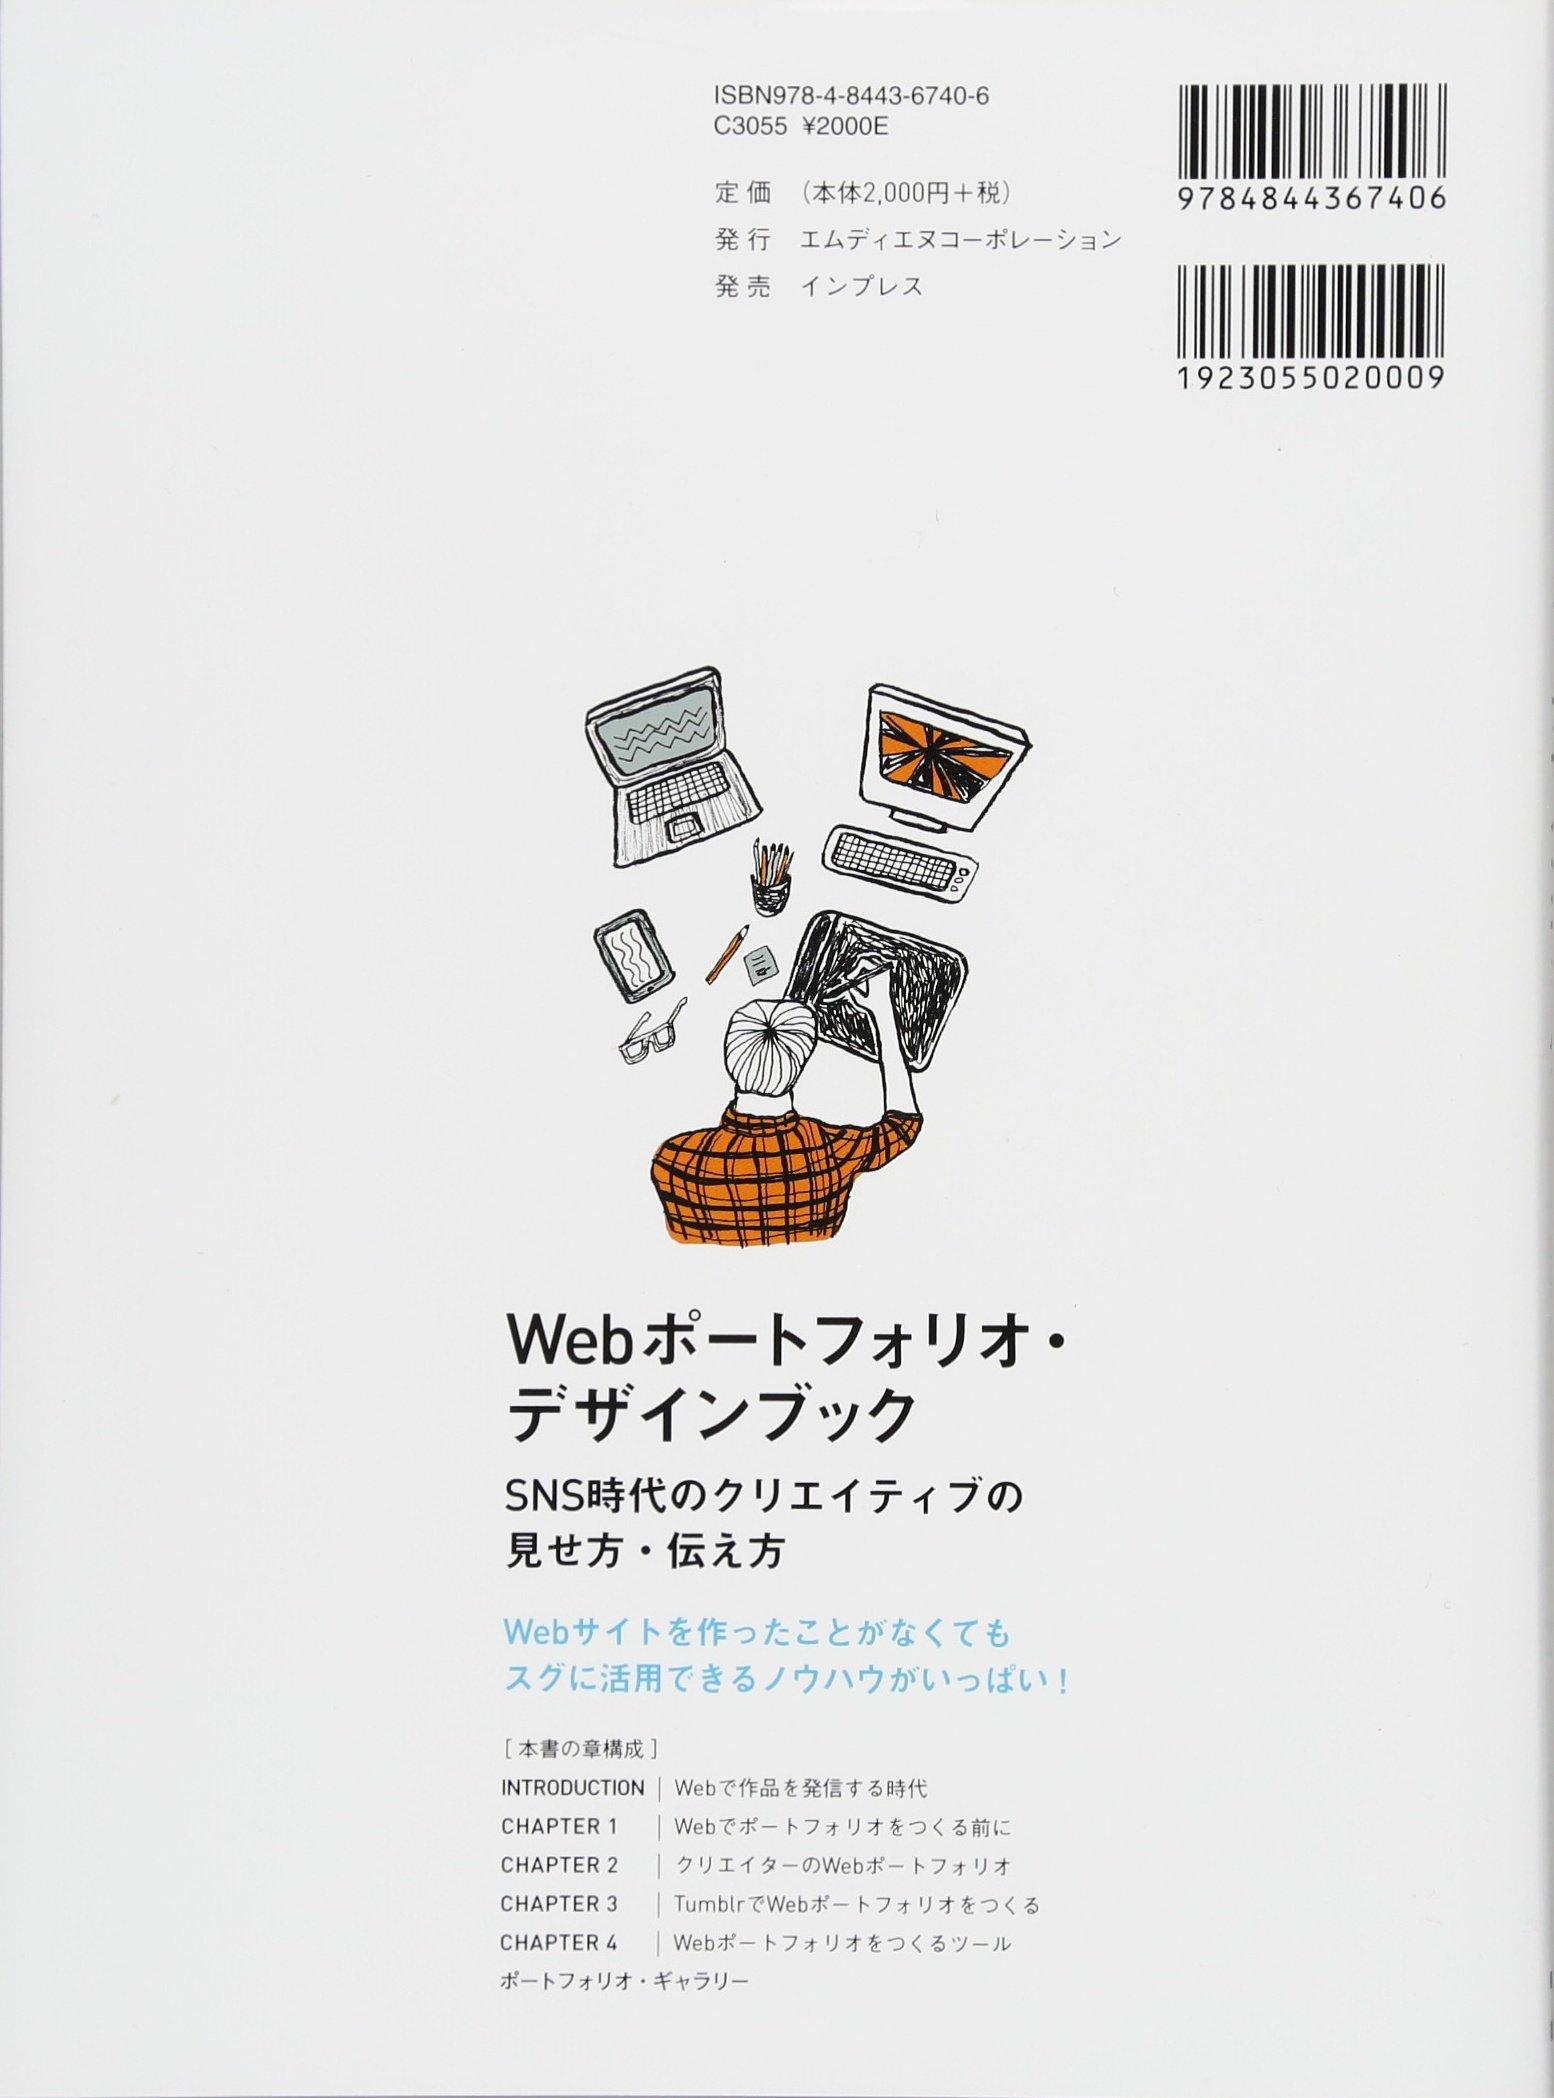 f819df76a4963 Webポートフォリオ・デザインブック SNS時代のクリエイティブの見せ方・伝え方 | 小島 幸代, 草野 恵子, 北川 貴清, 久保 靖資 |本 |  通販 | Amazon